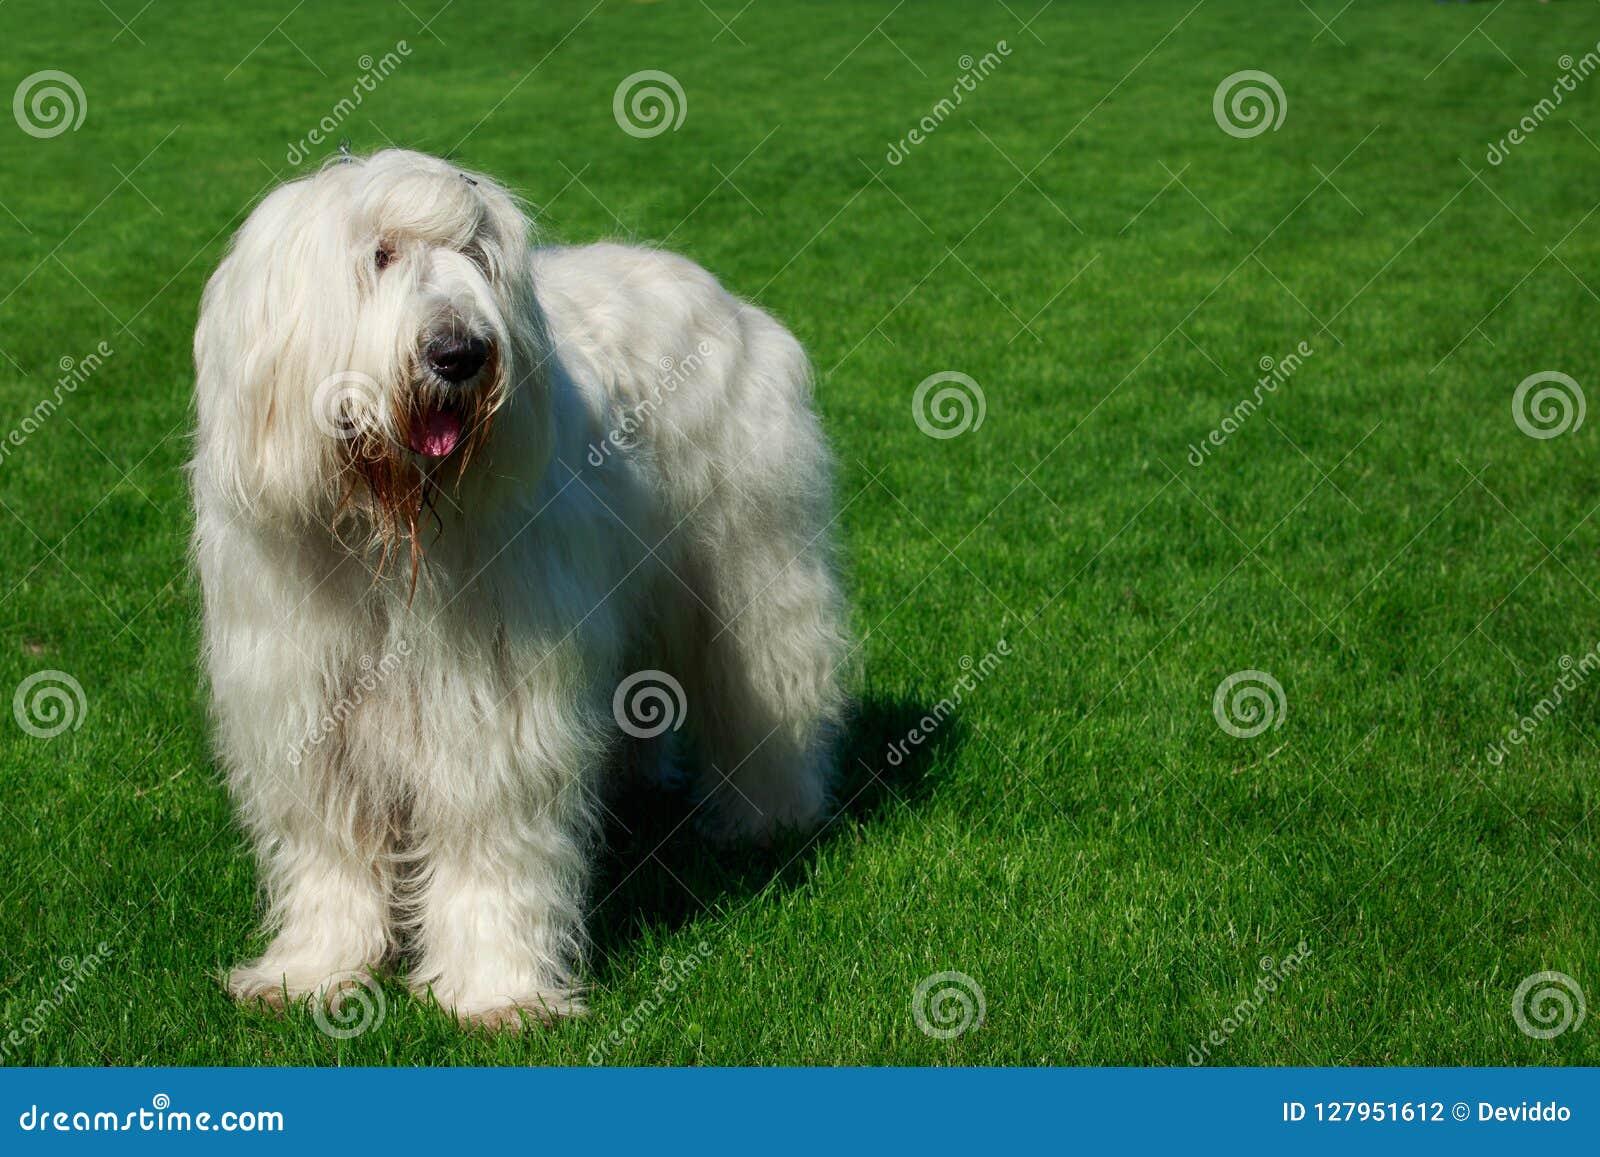 Cane pastore russo del sud della razza del cane